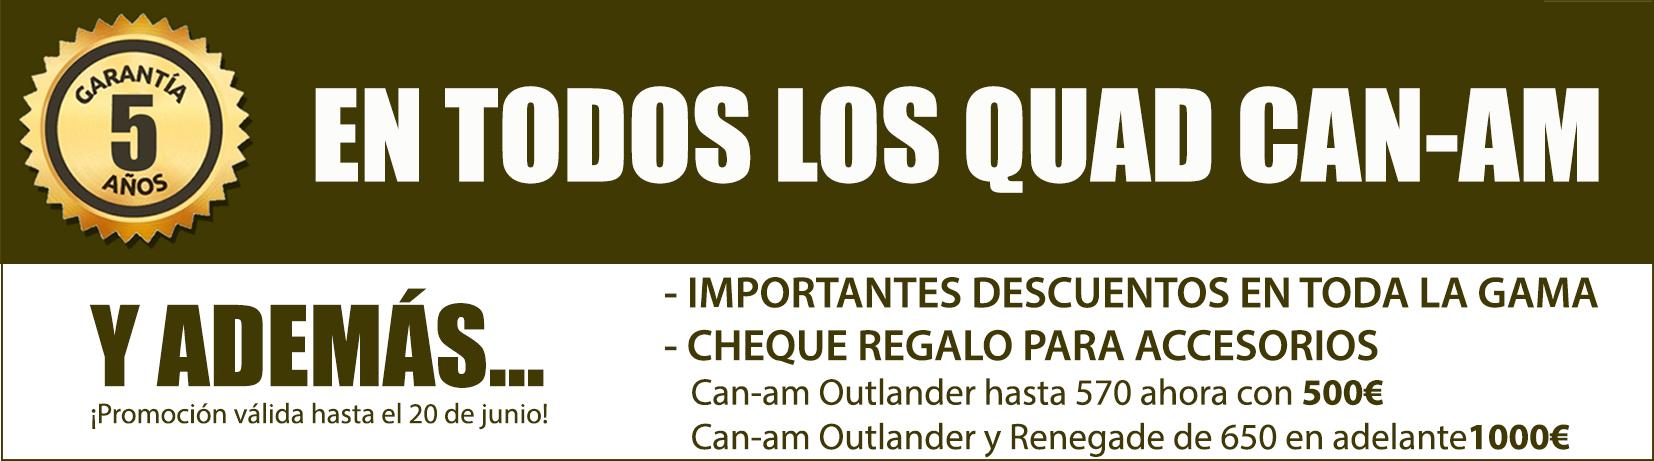 Oferta y promocion de quad can-am en asturias